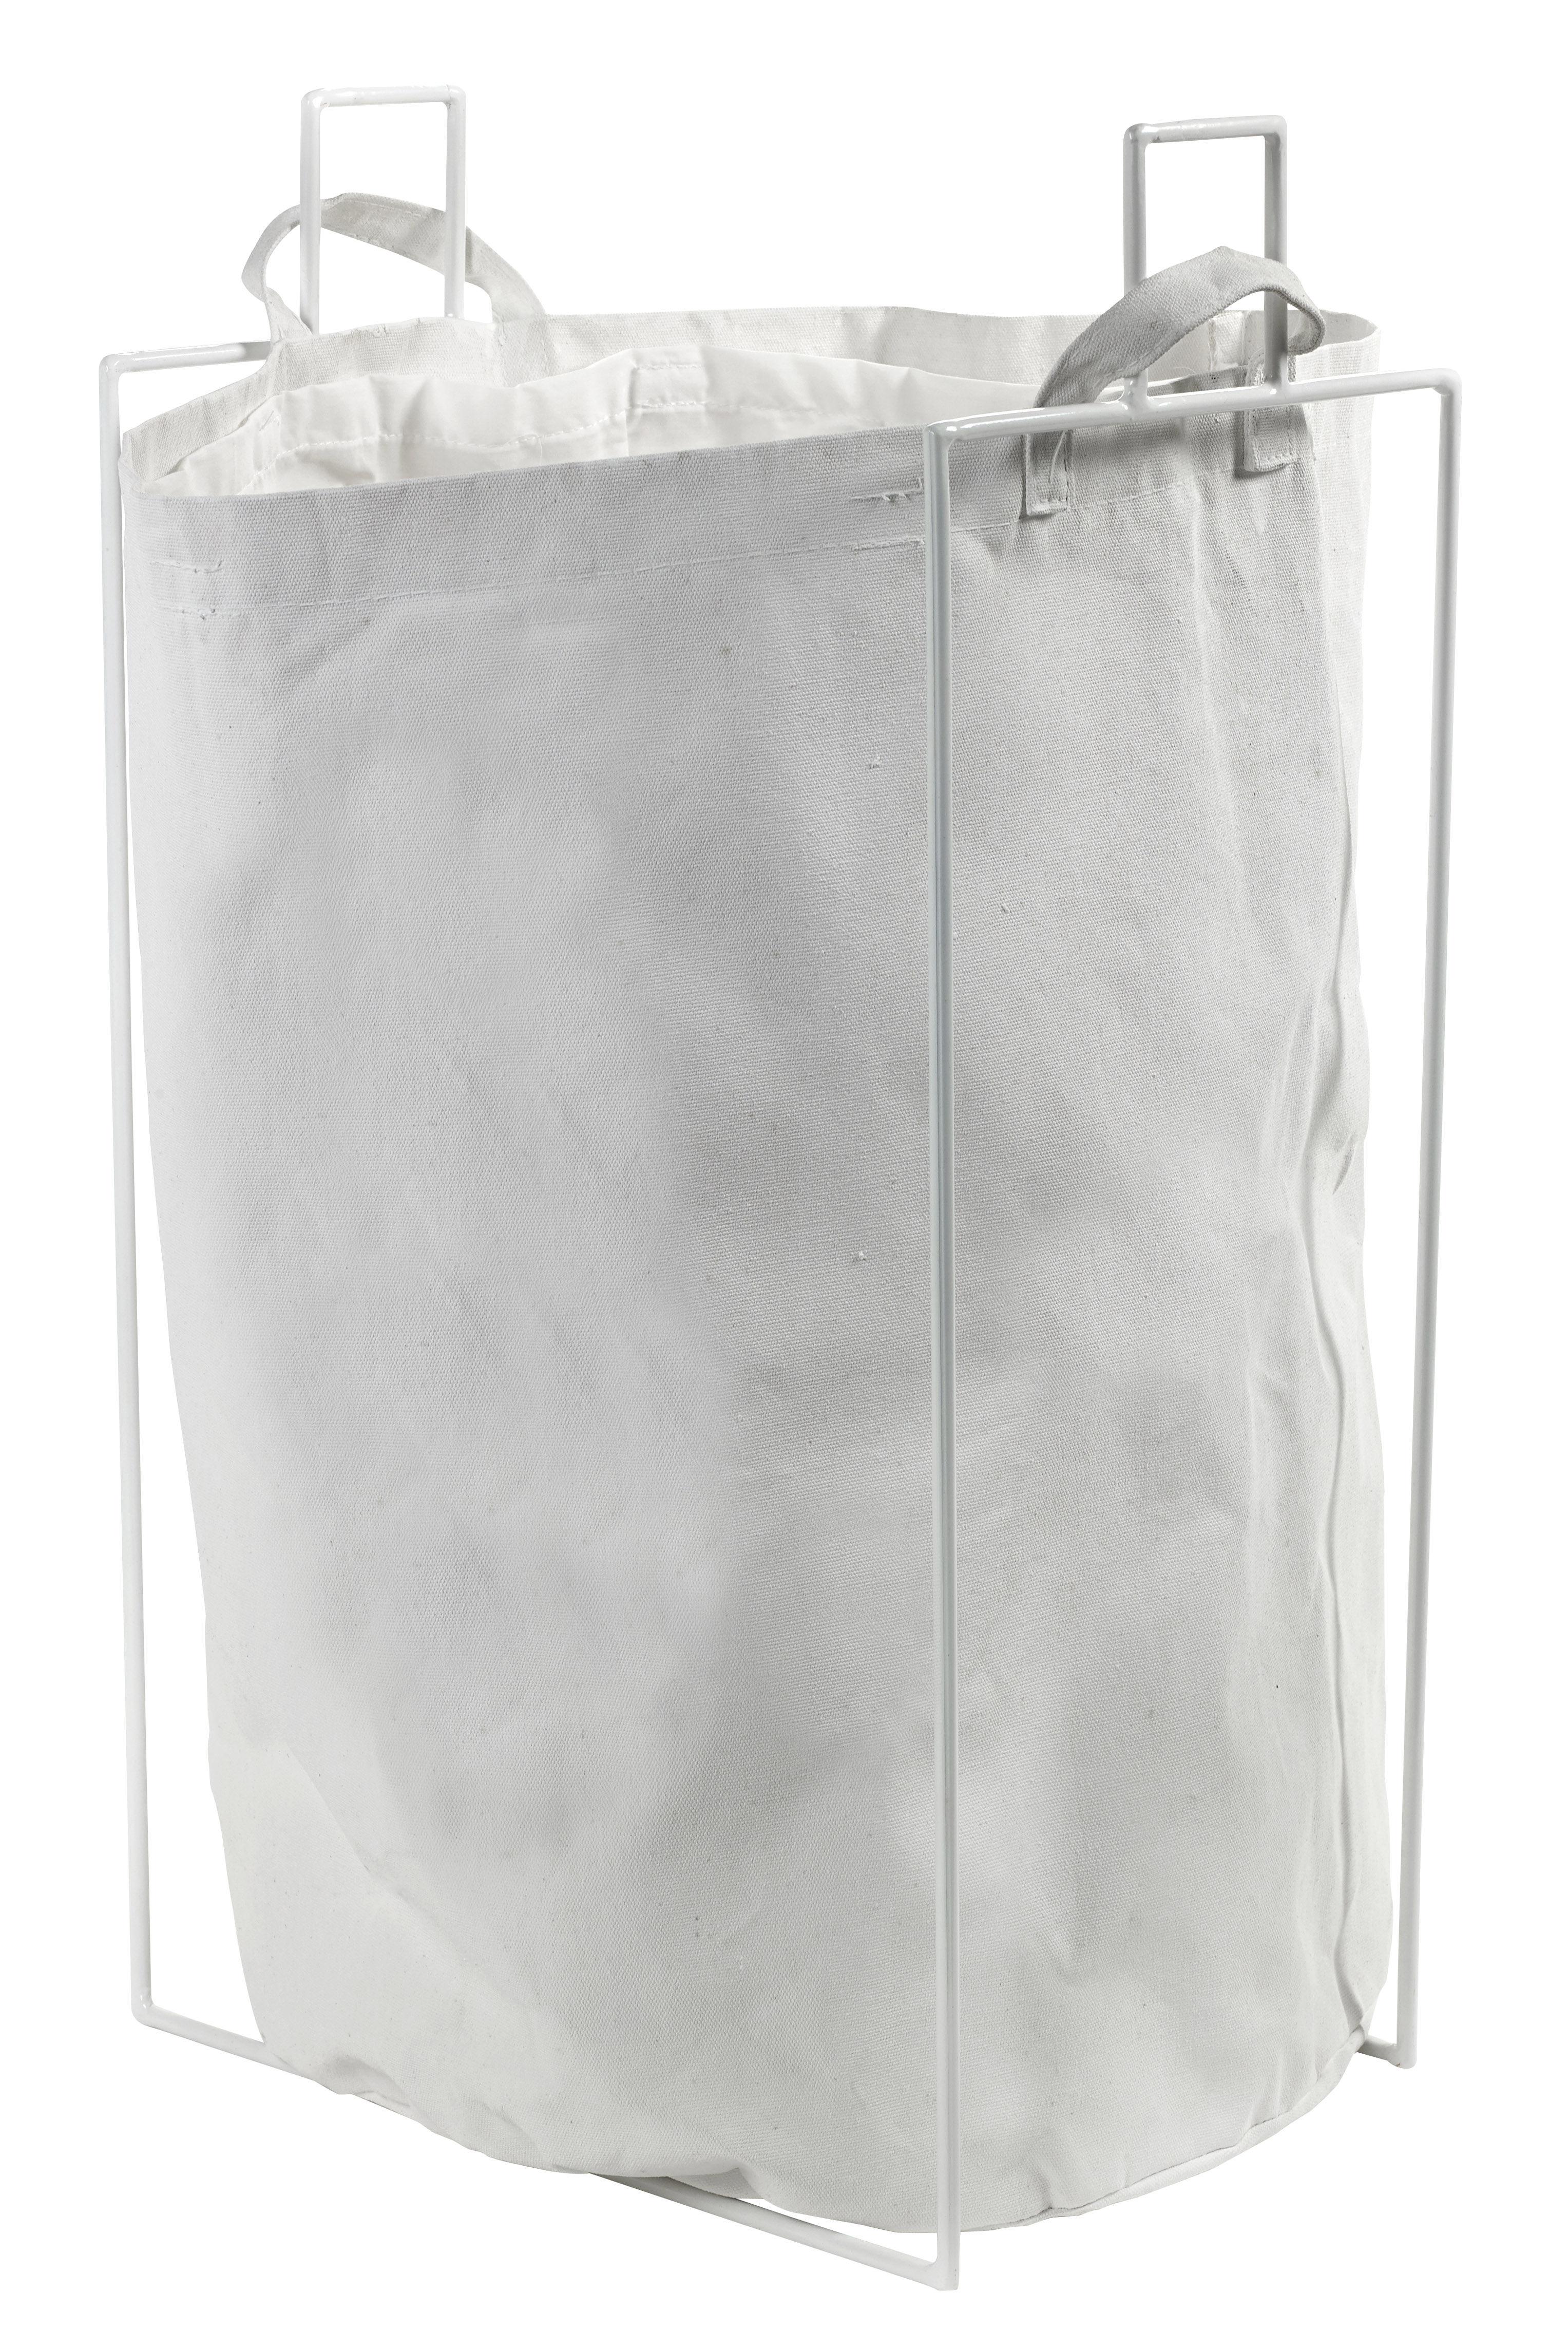 Accessoires - Accessoires für das Bad - Laundryholder Wäschekorb / abnehmbarer Wächesack - Serax - Weiß - Gewebe, Metall